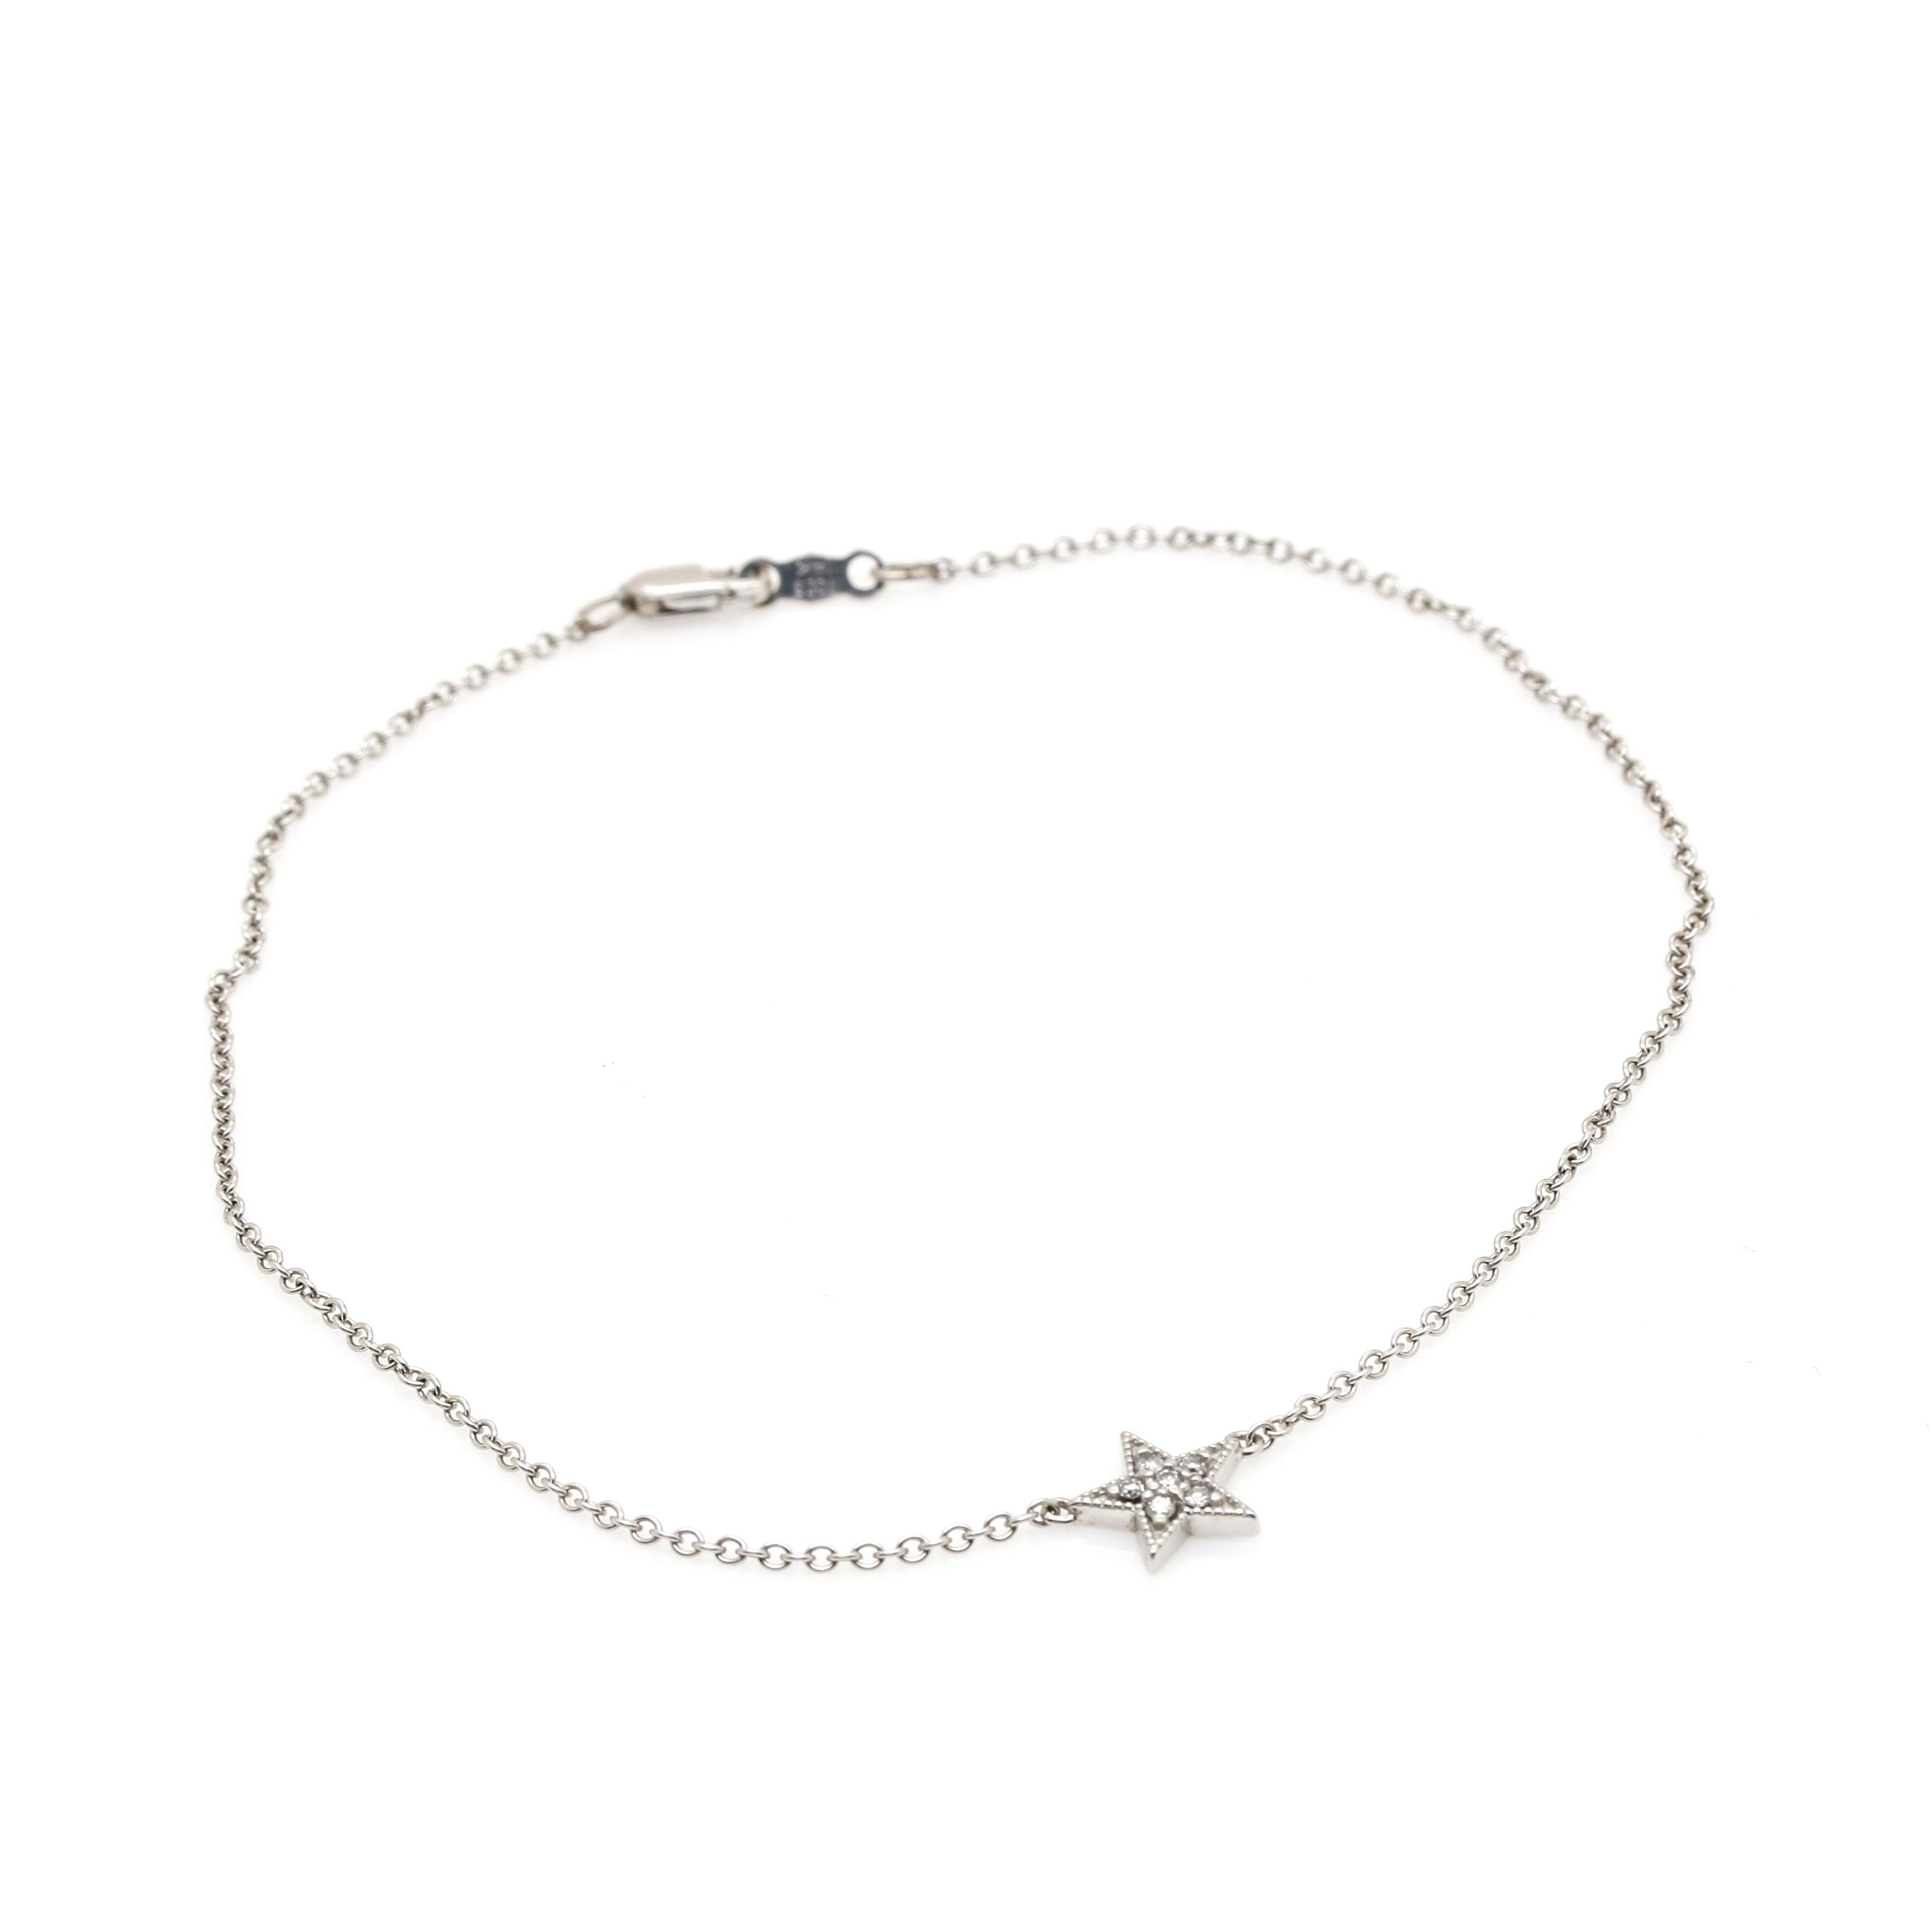 14K White Gold Diamond Ankle Bracelet